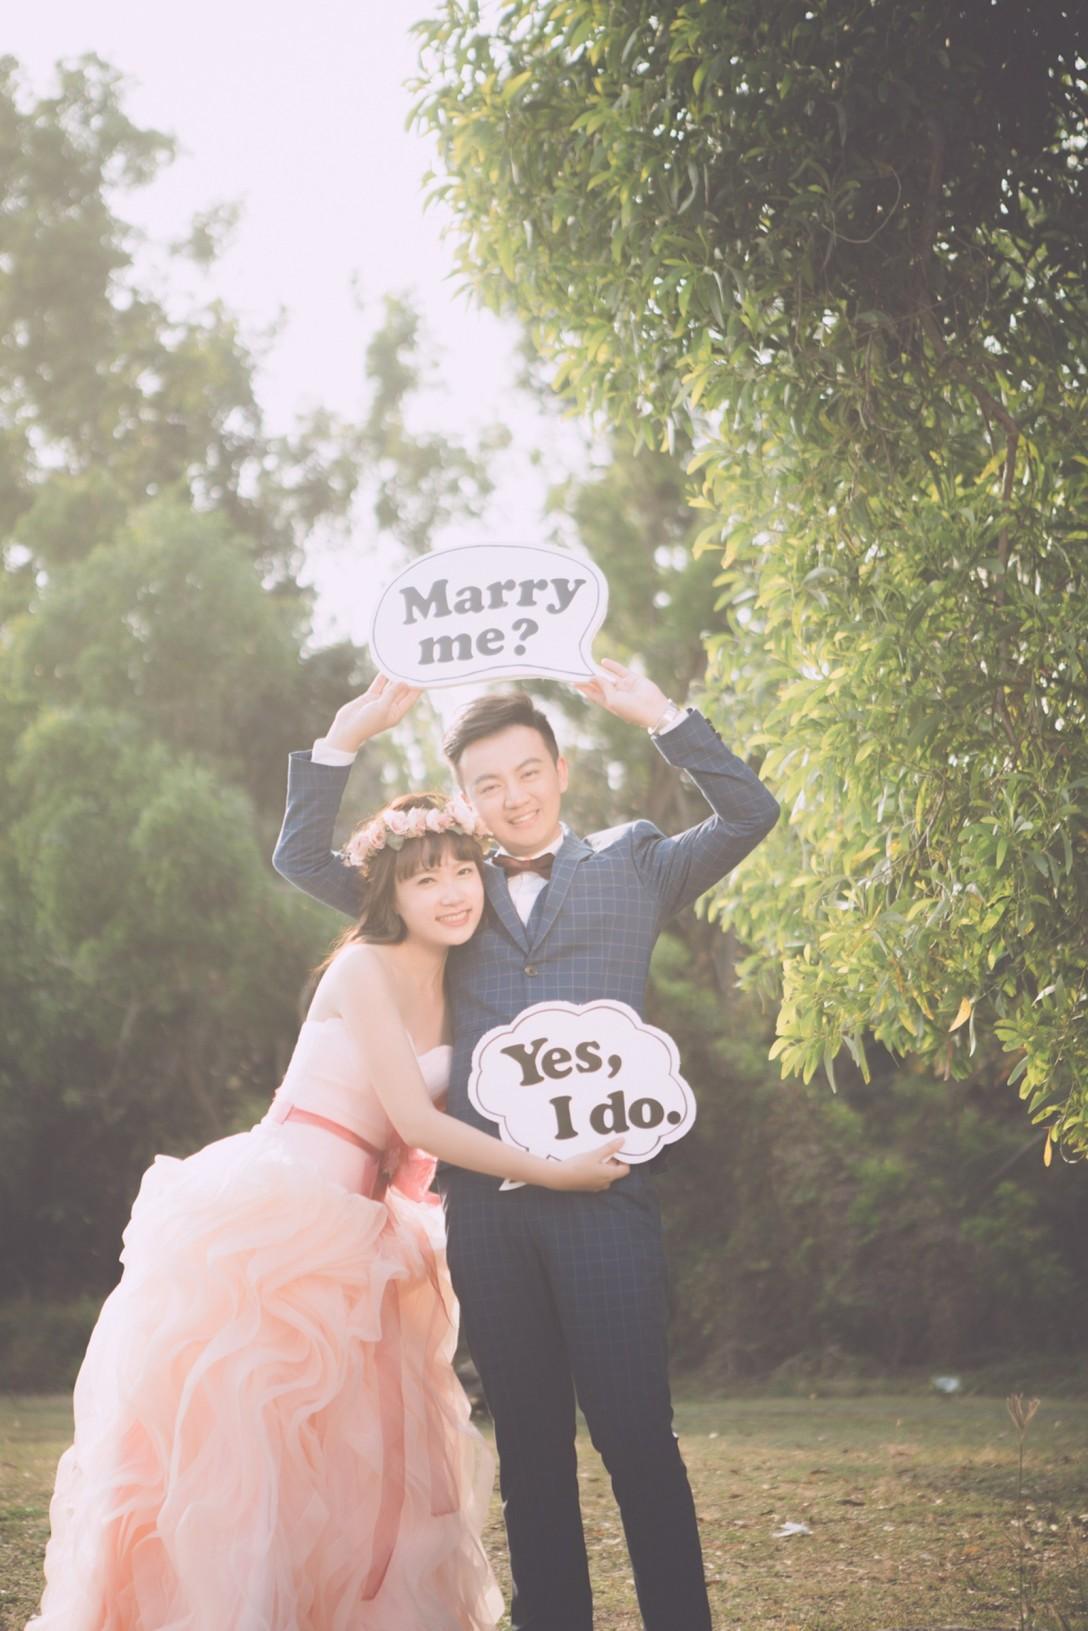 自助婚紗,自助婚紗推薦,自助婚紗風格,婚紗照,